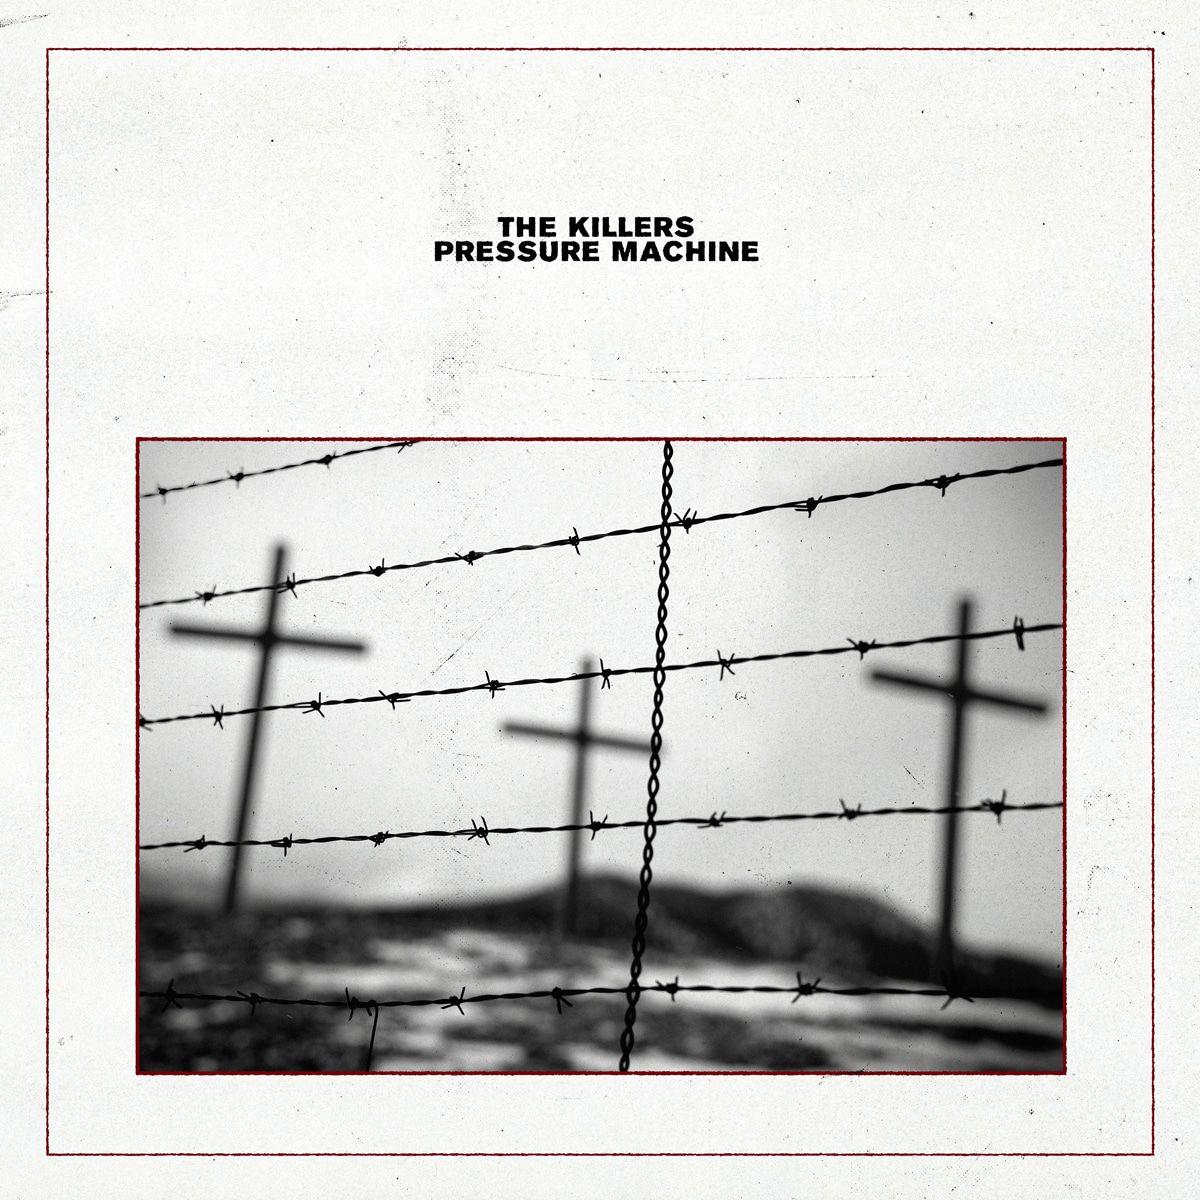 Albumkritik: The Killers schlagen ruhigere Töne an